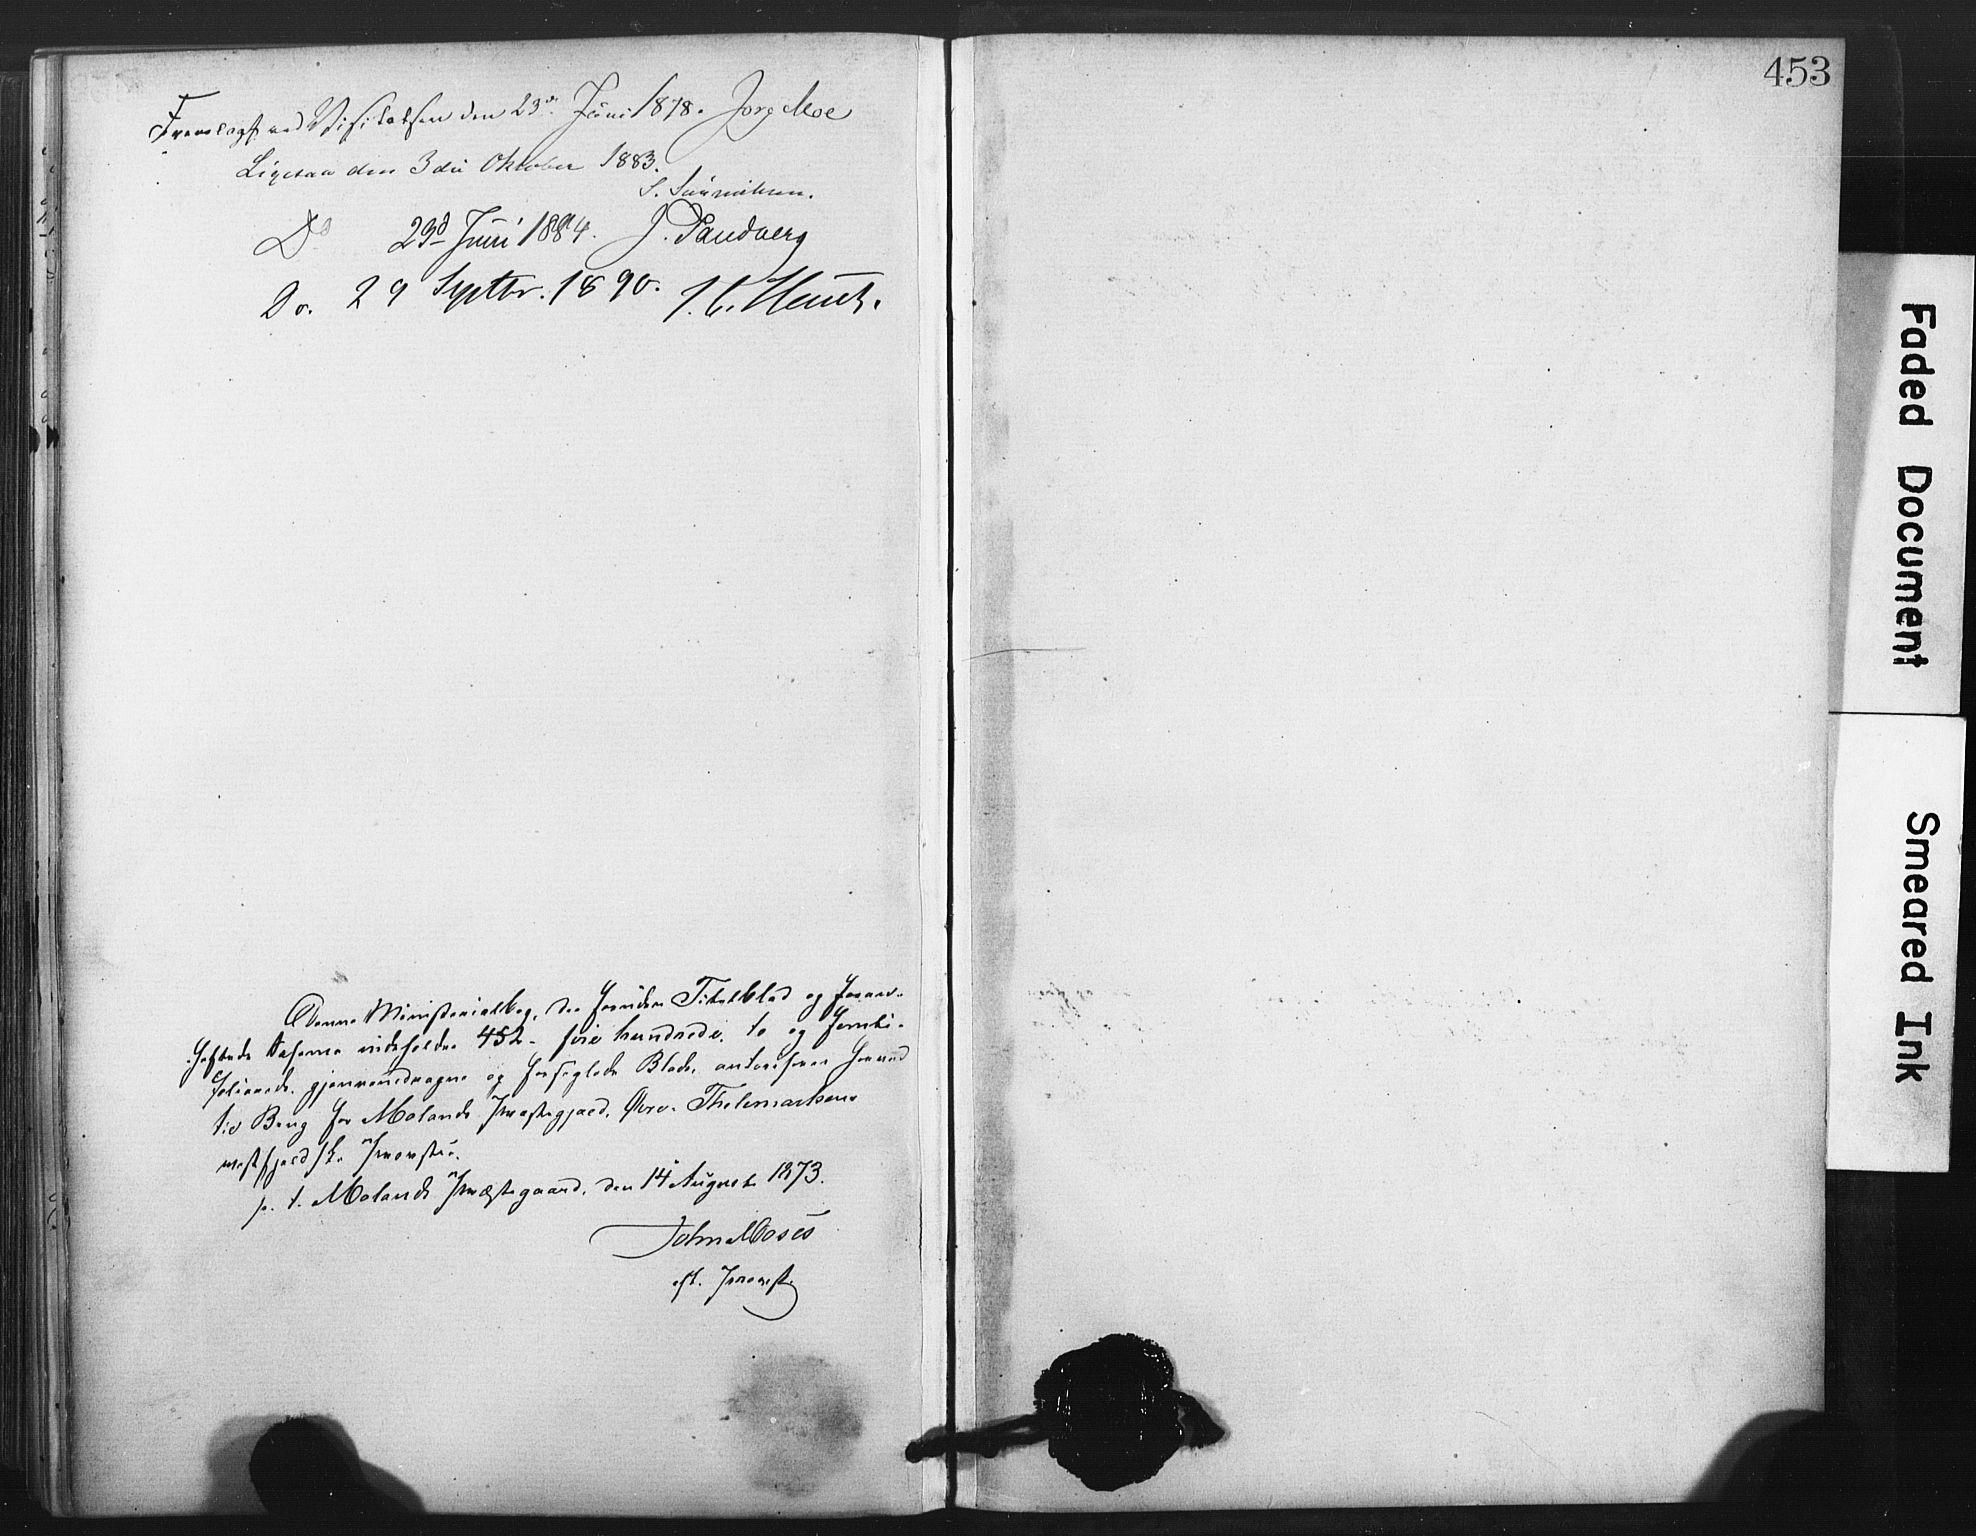 SAKO, Fyresdal kirkebøker, F/Fa/L0006: Ministerialbok nr. I 6, 1872-1886, s. 453